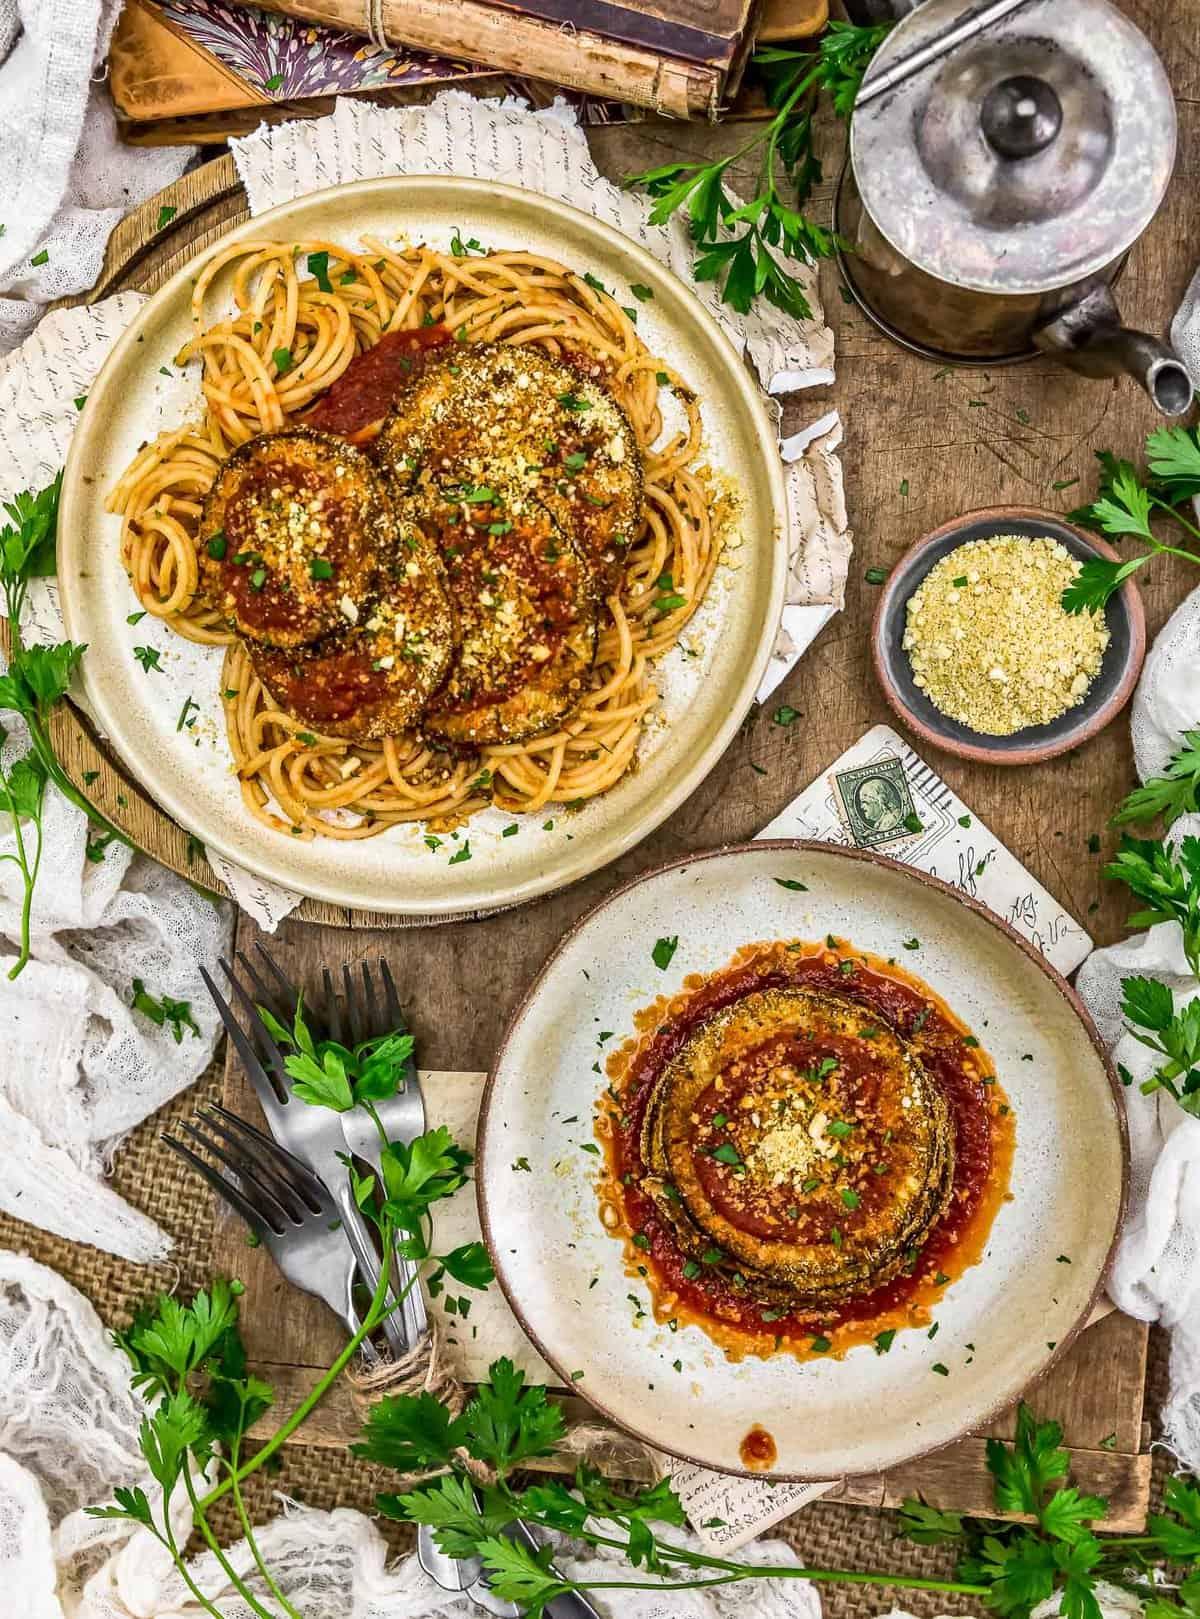 Tablescape of Vegan Eggplant Parmesan